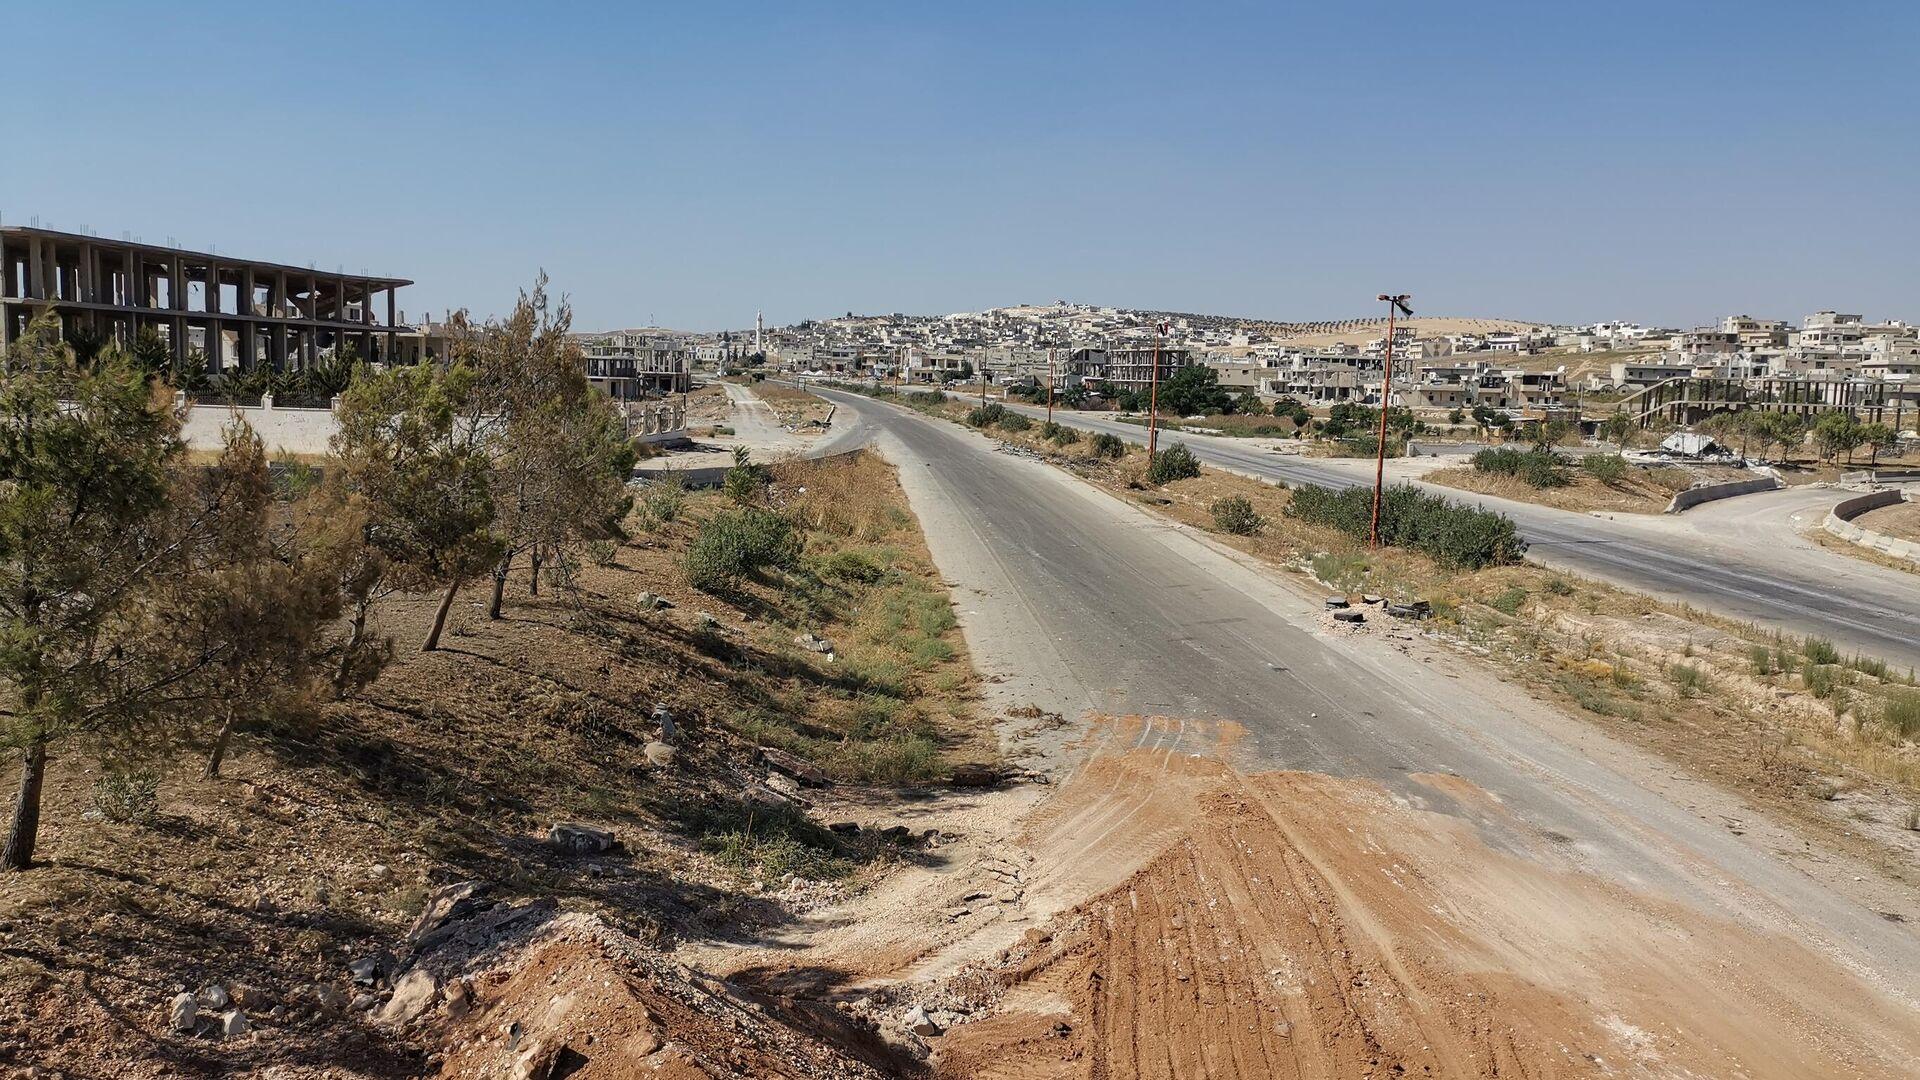 В сирийском Хан-Шейхуне начали восстанавливать инфраструктуру - РИА Новости, 1920, 28.02.2021